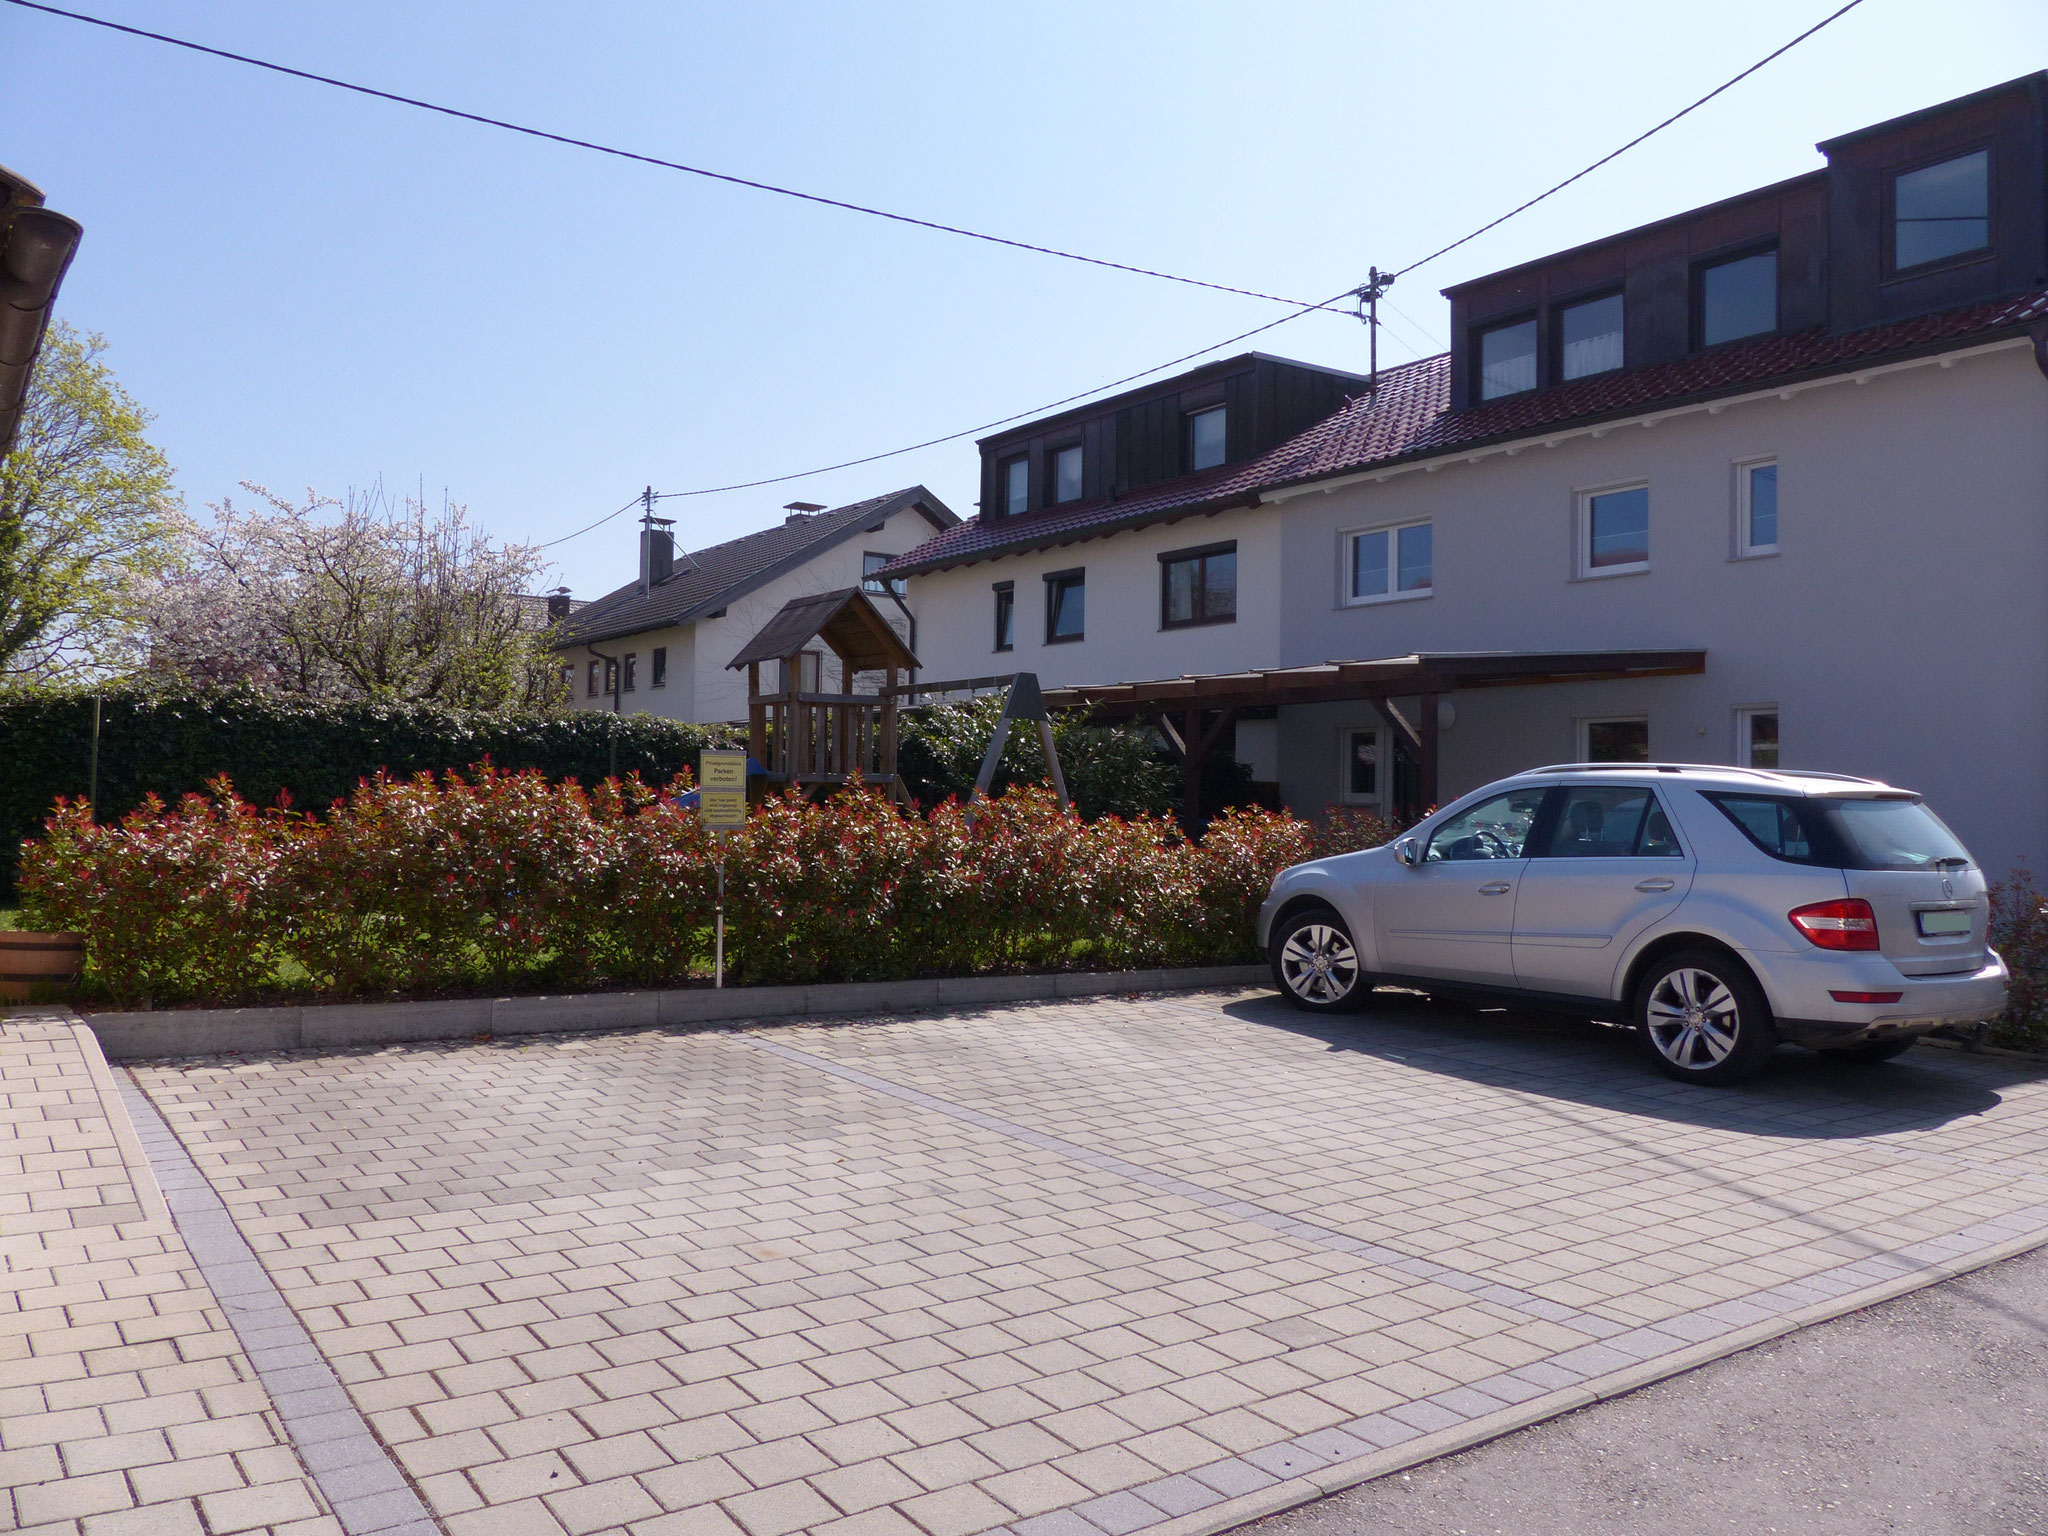 Parkplätze direkt am Haus vorhanden